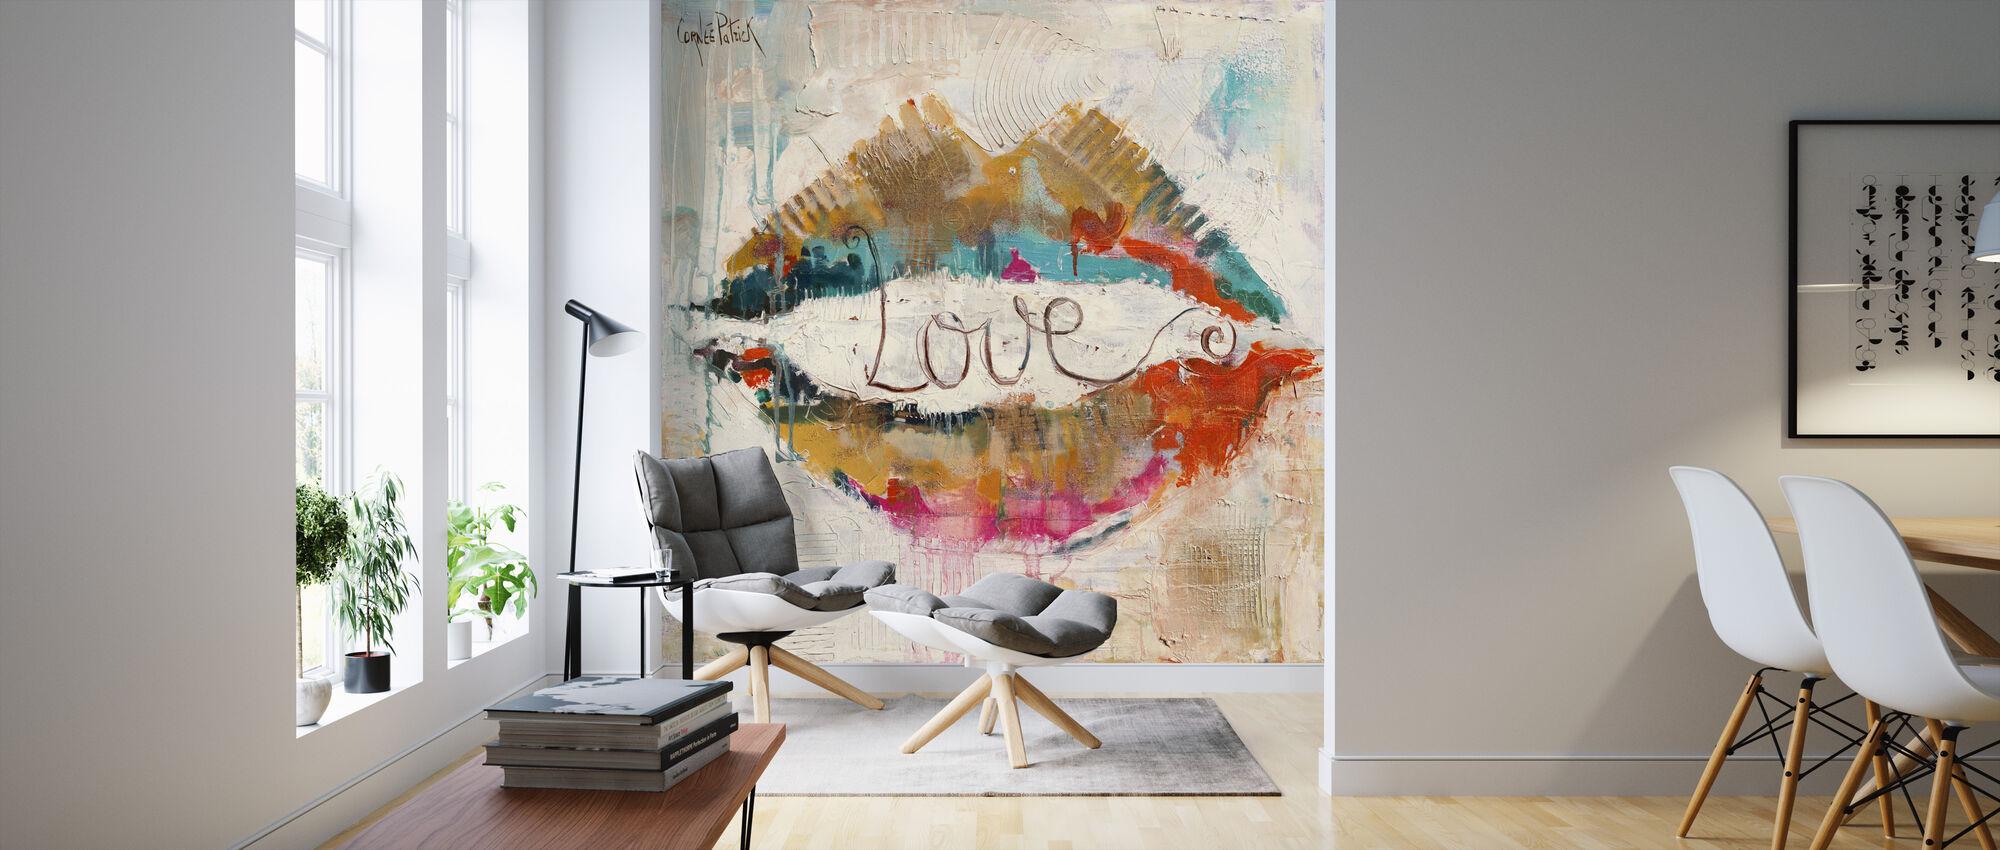 Liefde - Behang - Woonkamer